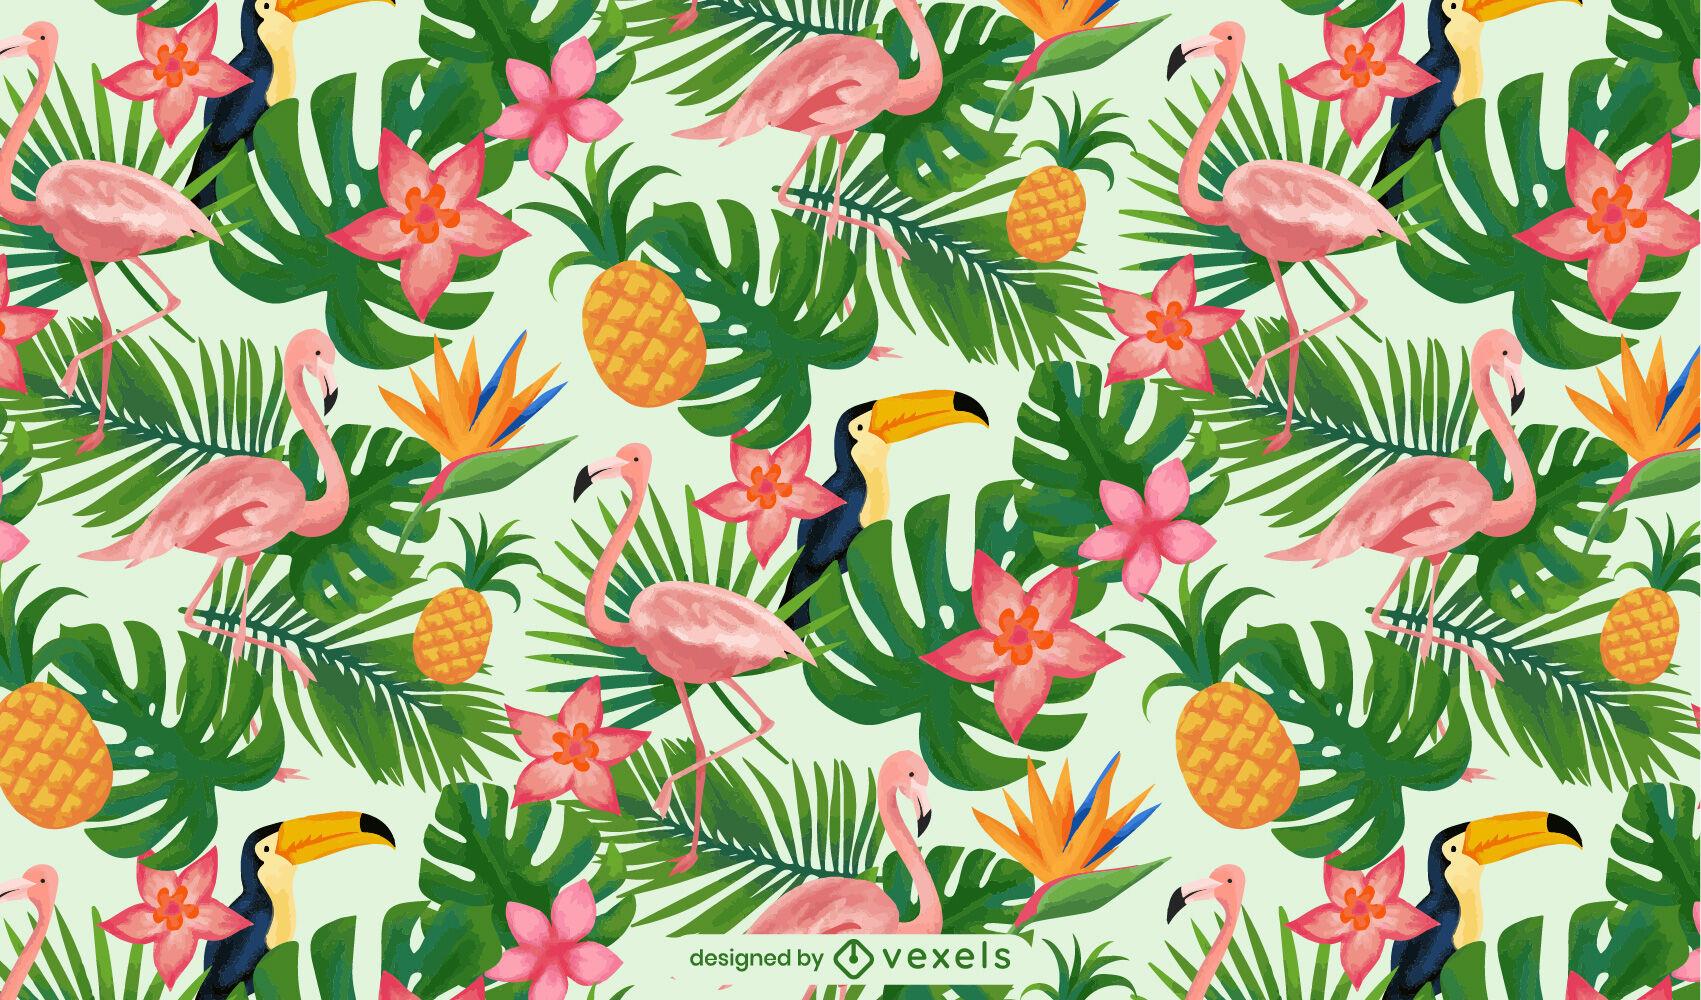 Patr?n de acuarela tropical de palmeras y p?jaros